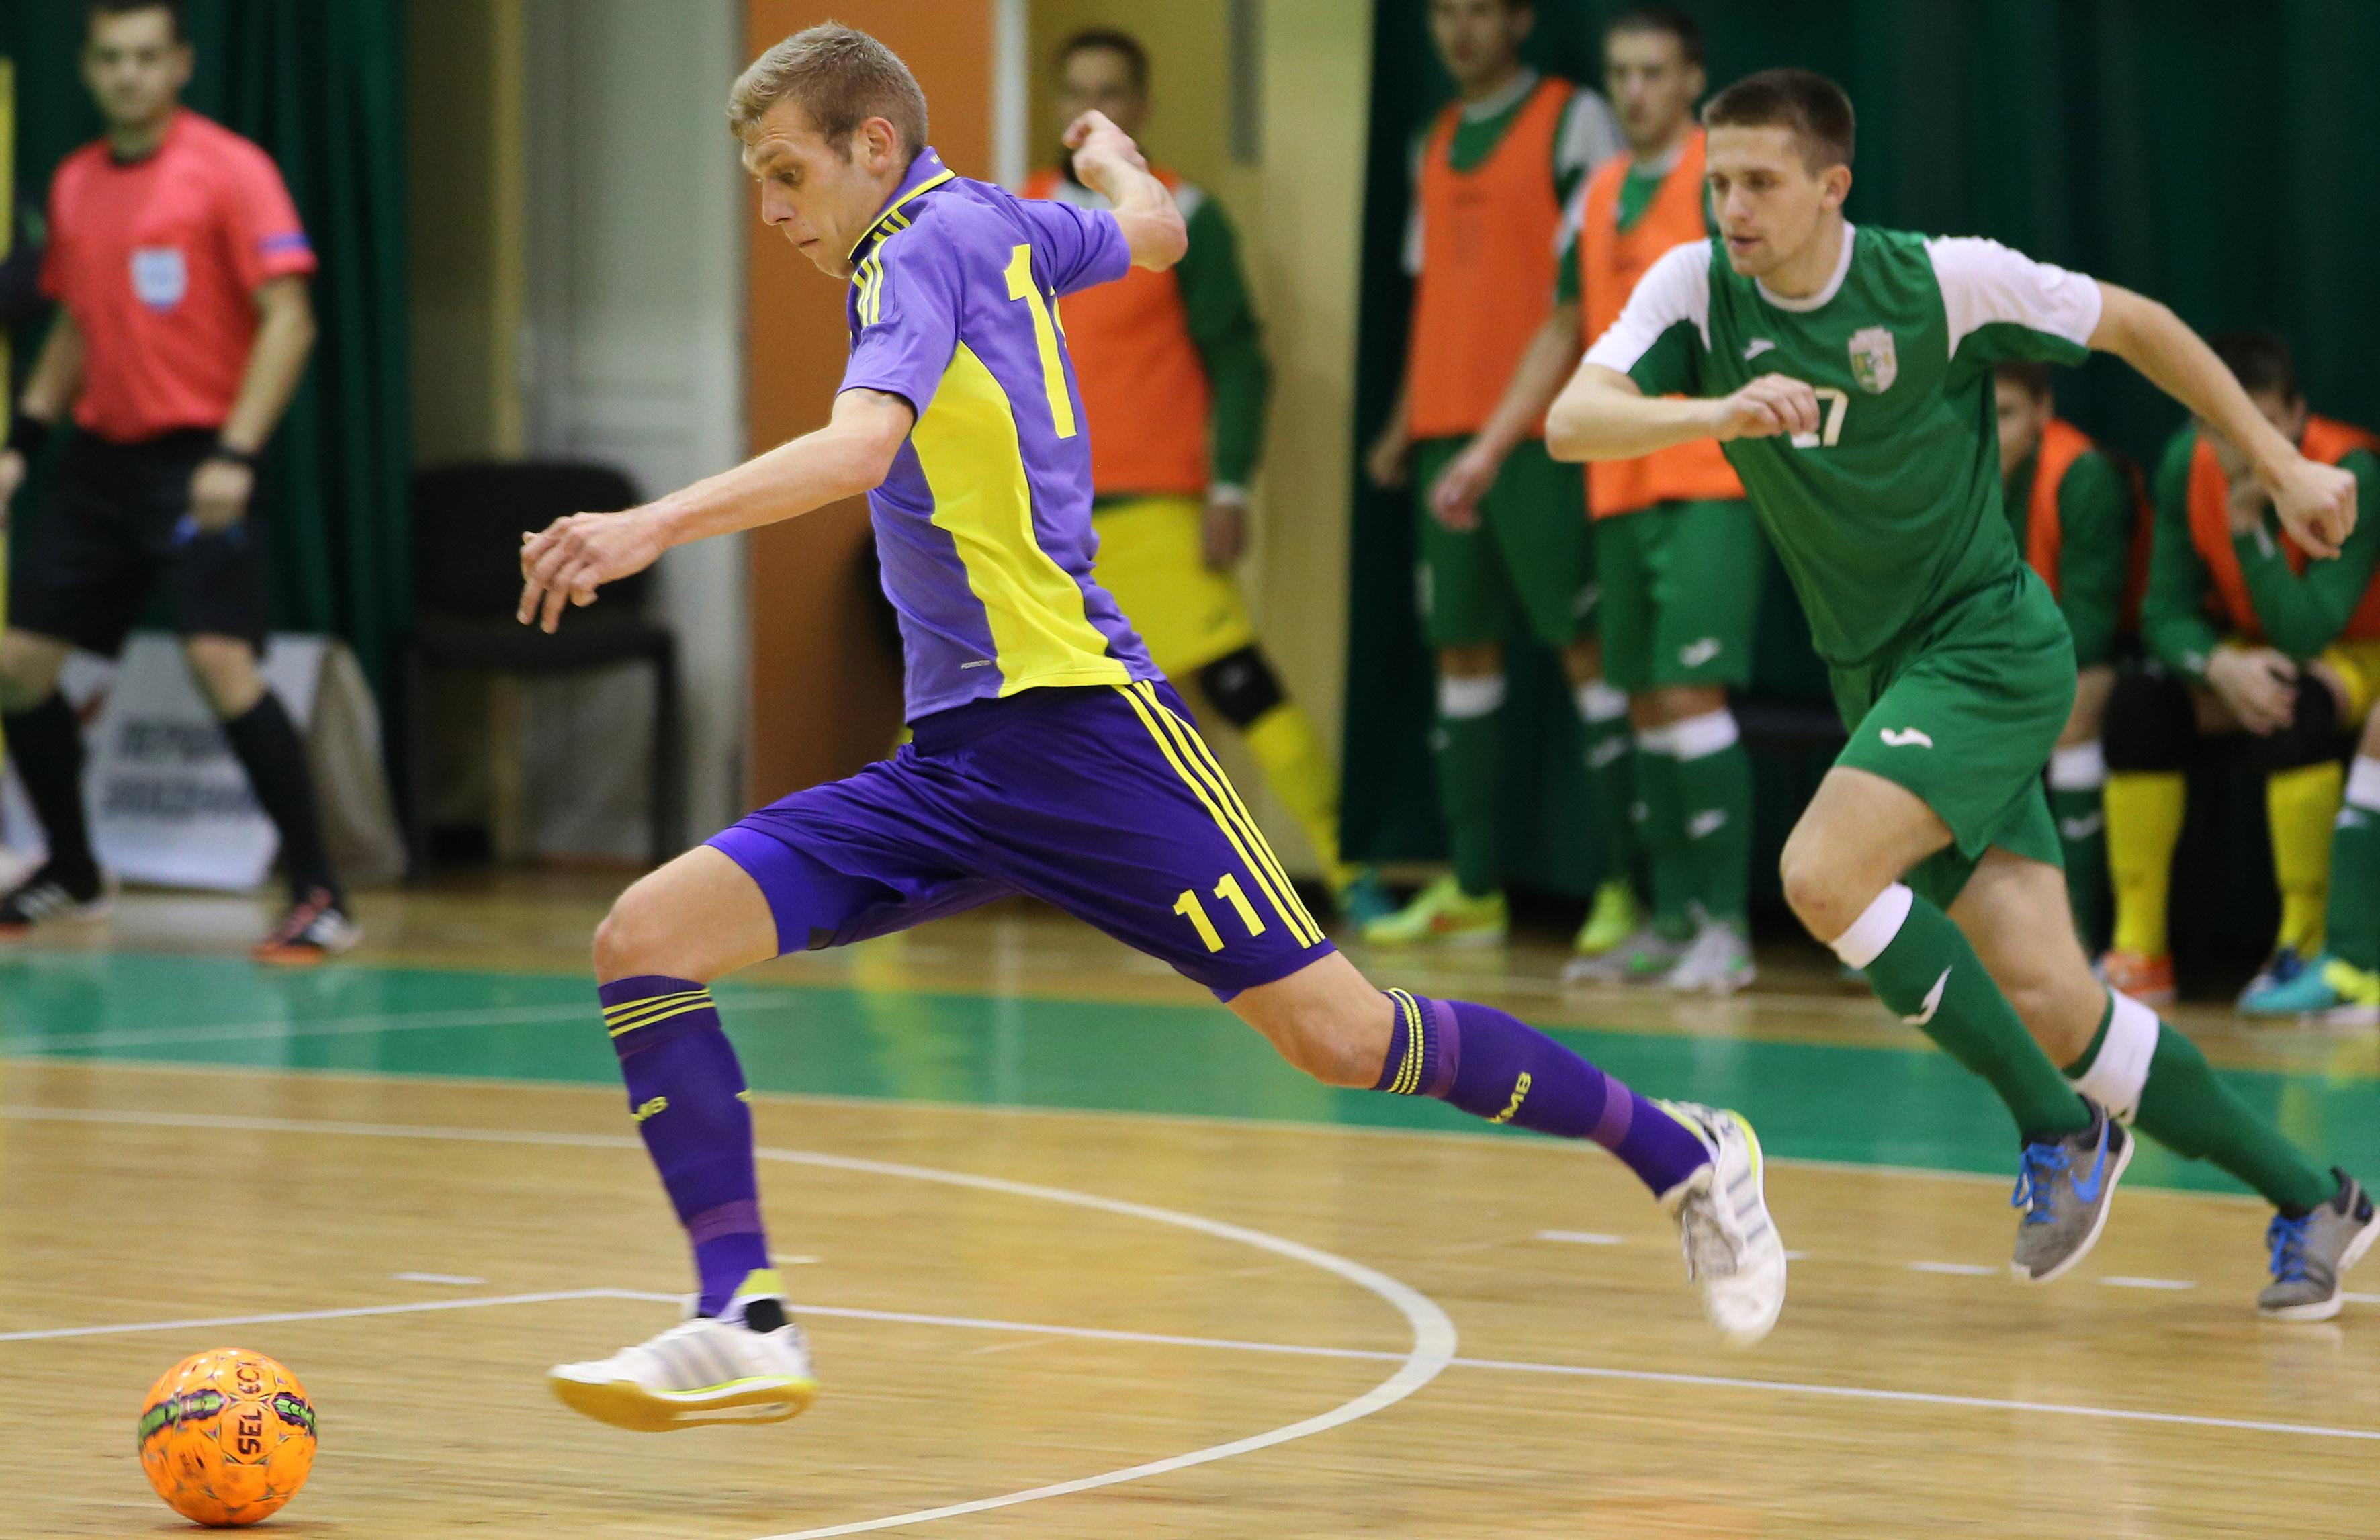 У Дрогобичі відбудеться вечір спортивної слави «Спортсмен року»